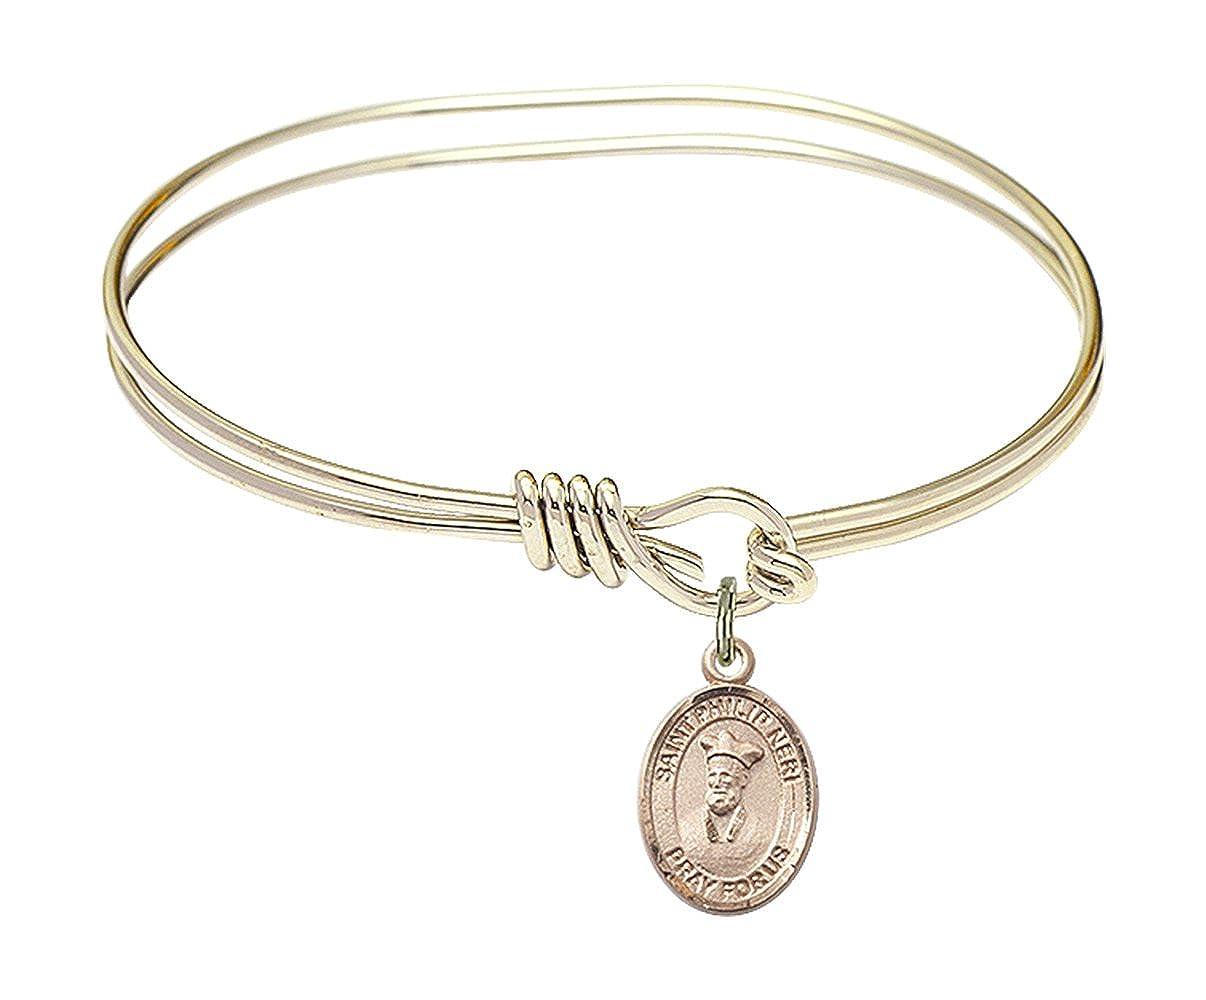 Philip Neri Charm On A Child Sized 5 3//4 Inch Oval Eye Hook Bangle Bracelet St